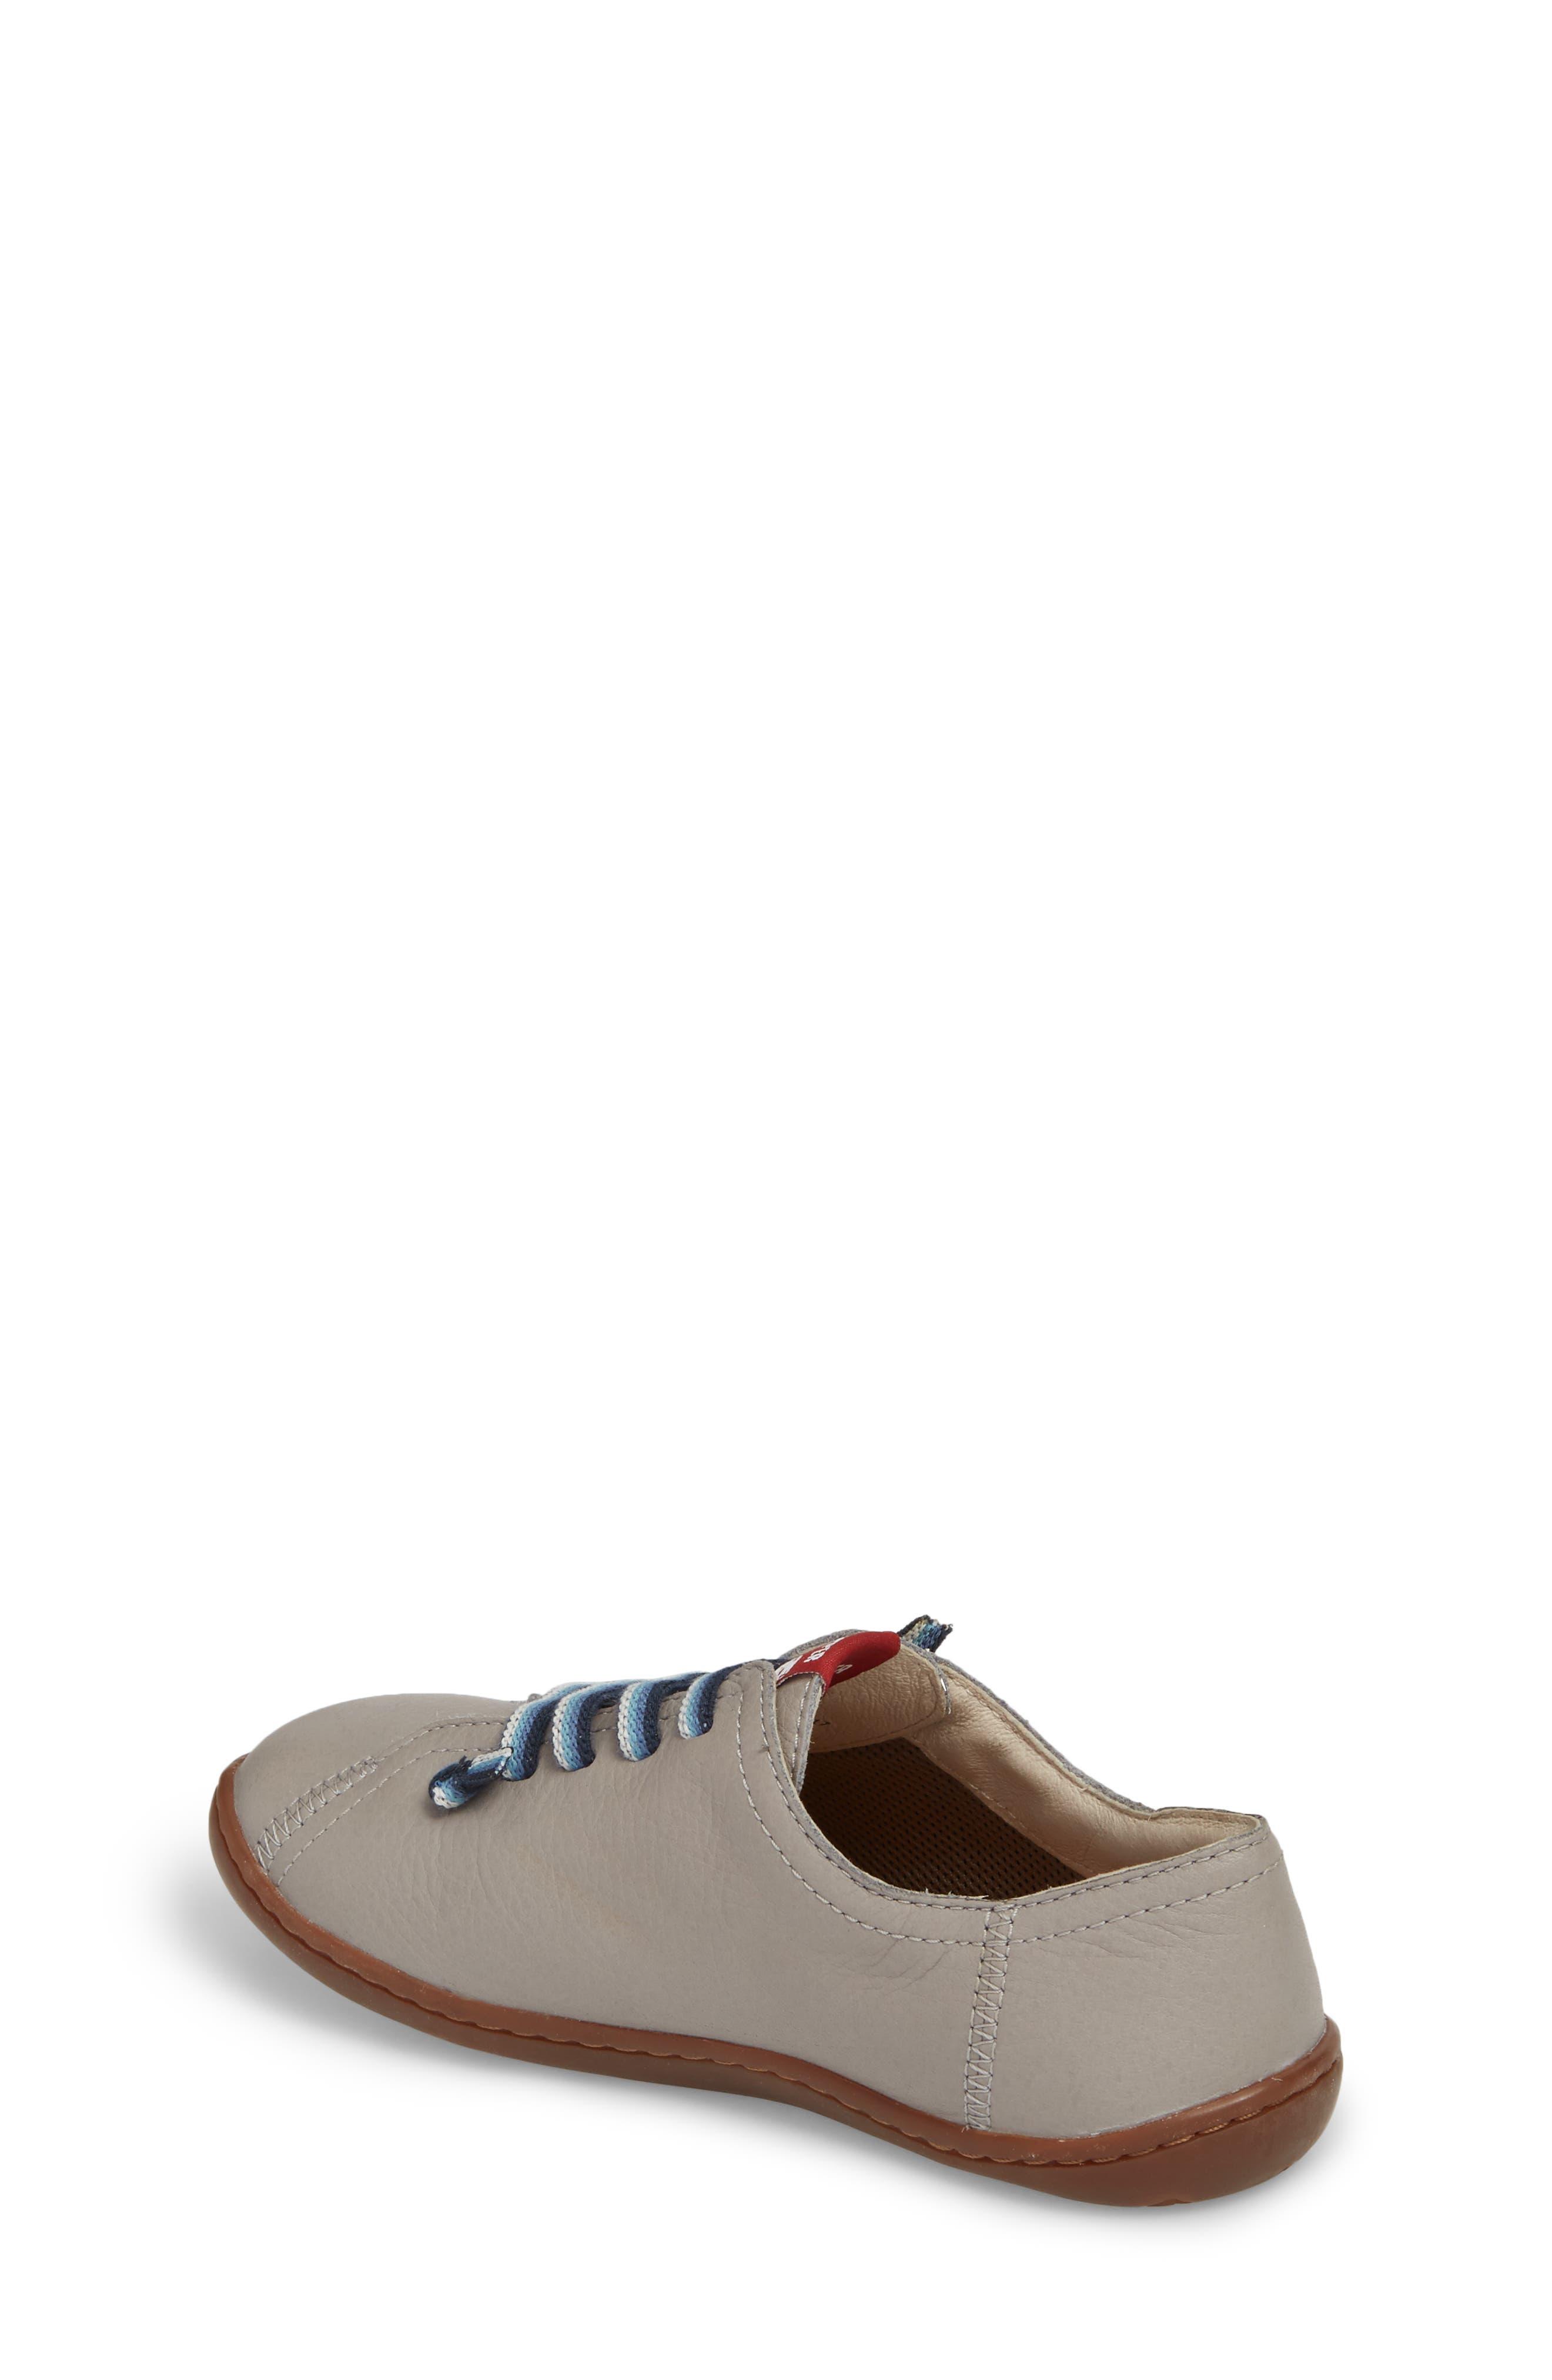 Peu Cami Sneaker,                             Alternate thumbnail 2, color,                             GREY